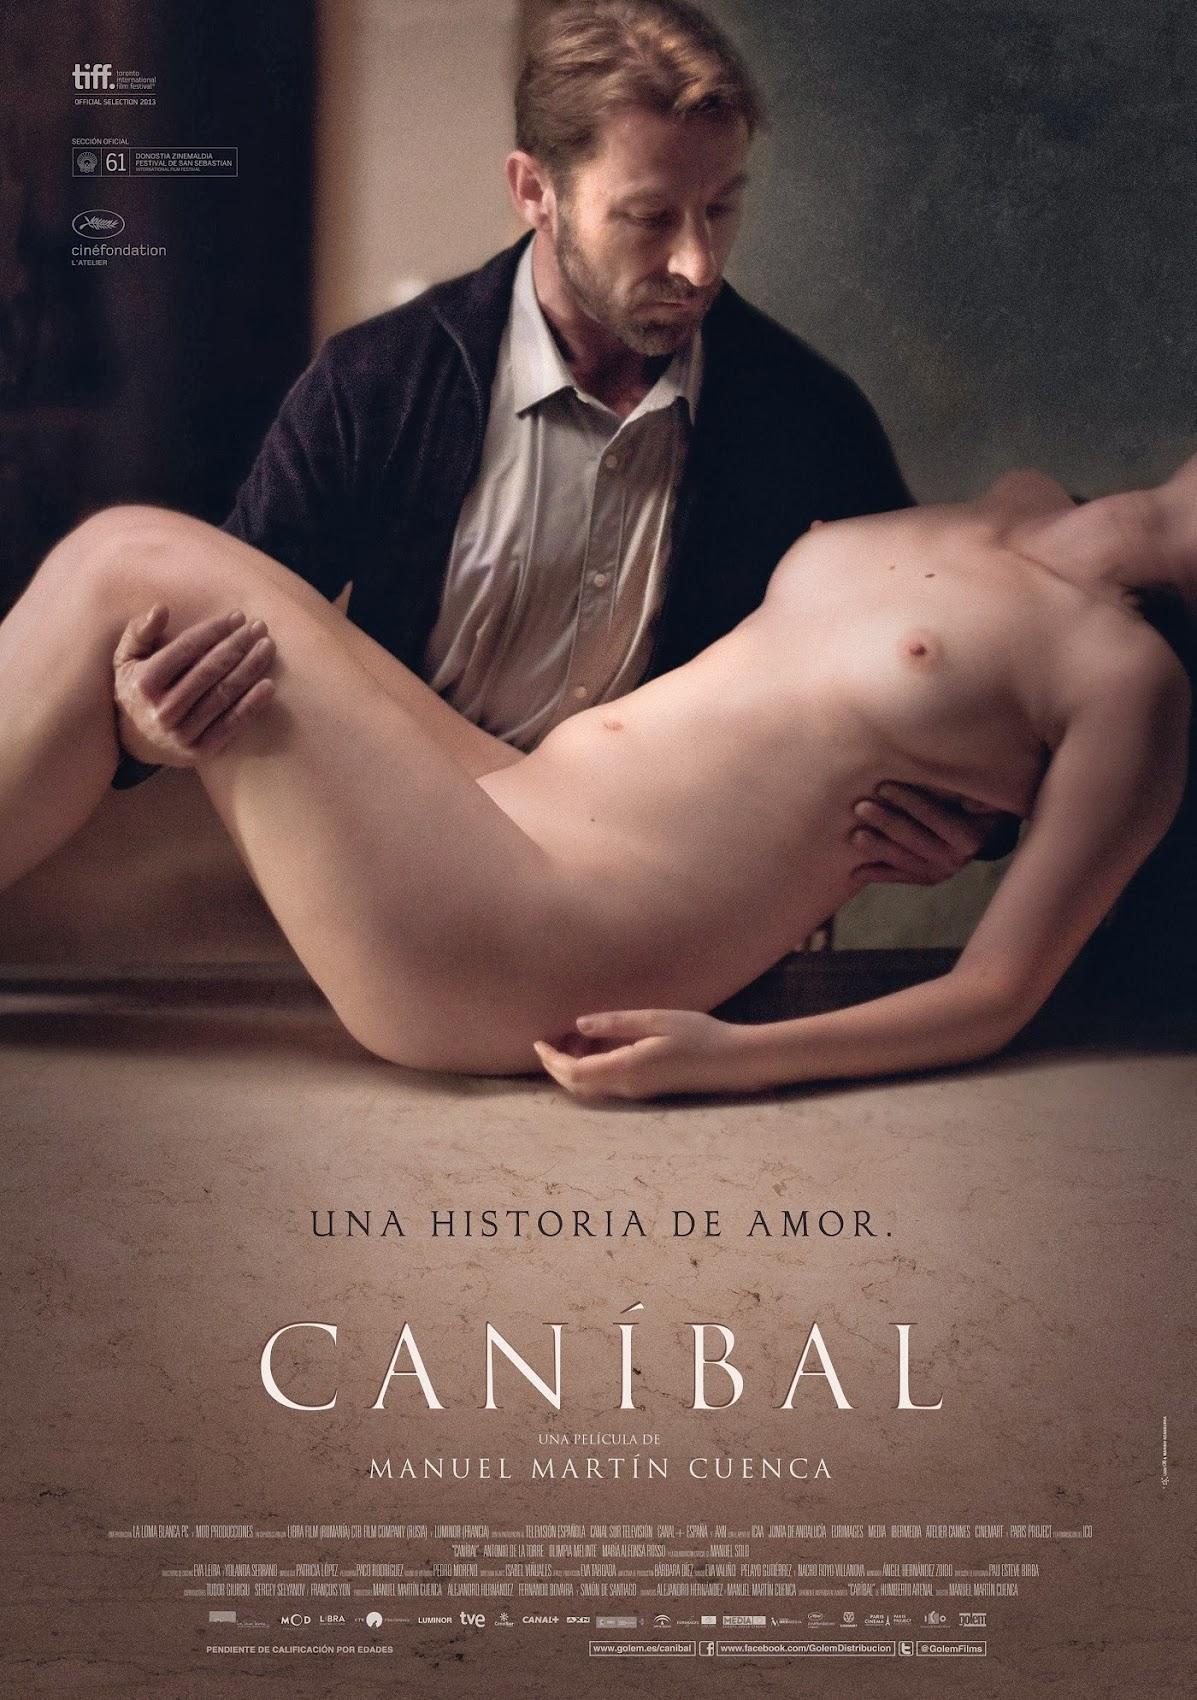 http://4.bp.blogspot.com/-FXkWSe7cnkU/UlQofpr2BpI/AAAAAAAAaZc/CM-bvwV0EK0/s1700/Can%C3%ADbal-Manuel_Mart%C3%ADn_Cuenca-Cartel.jpg